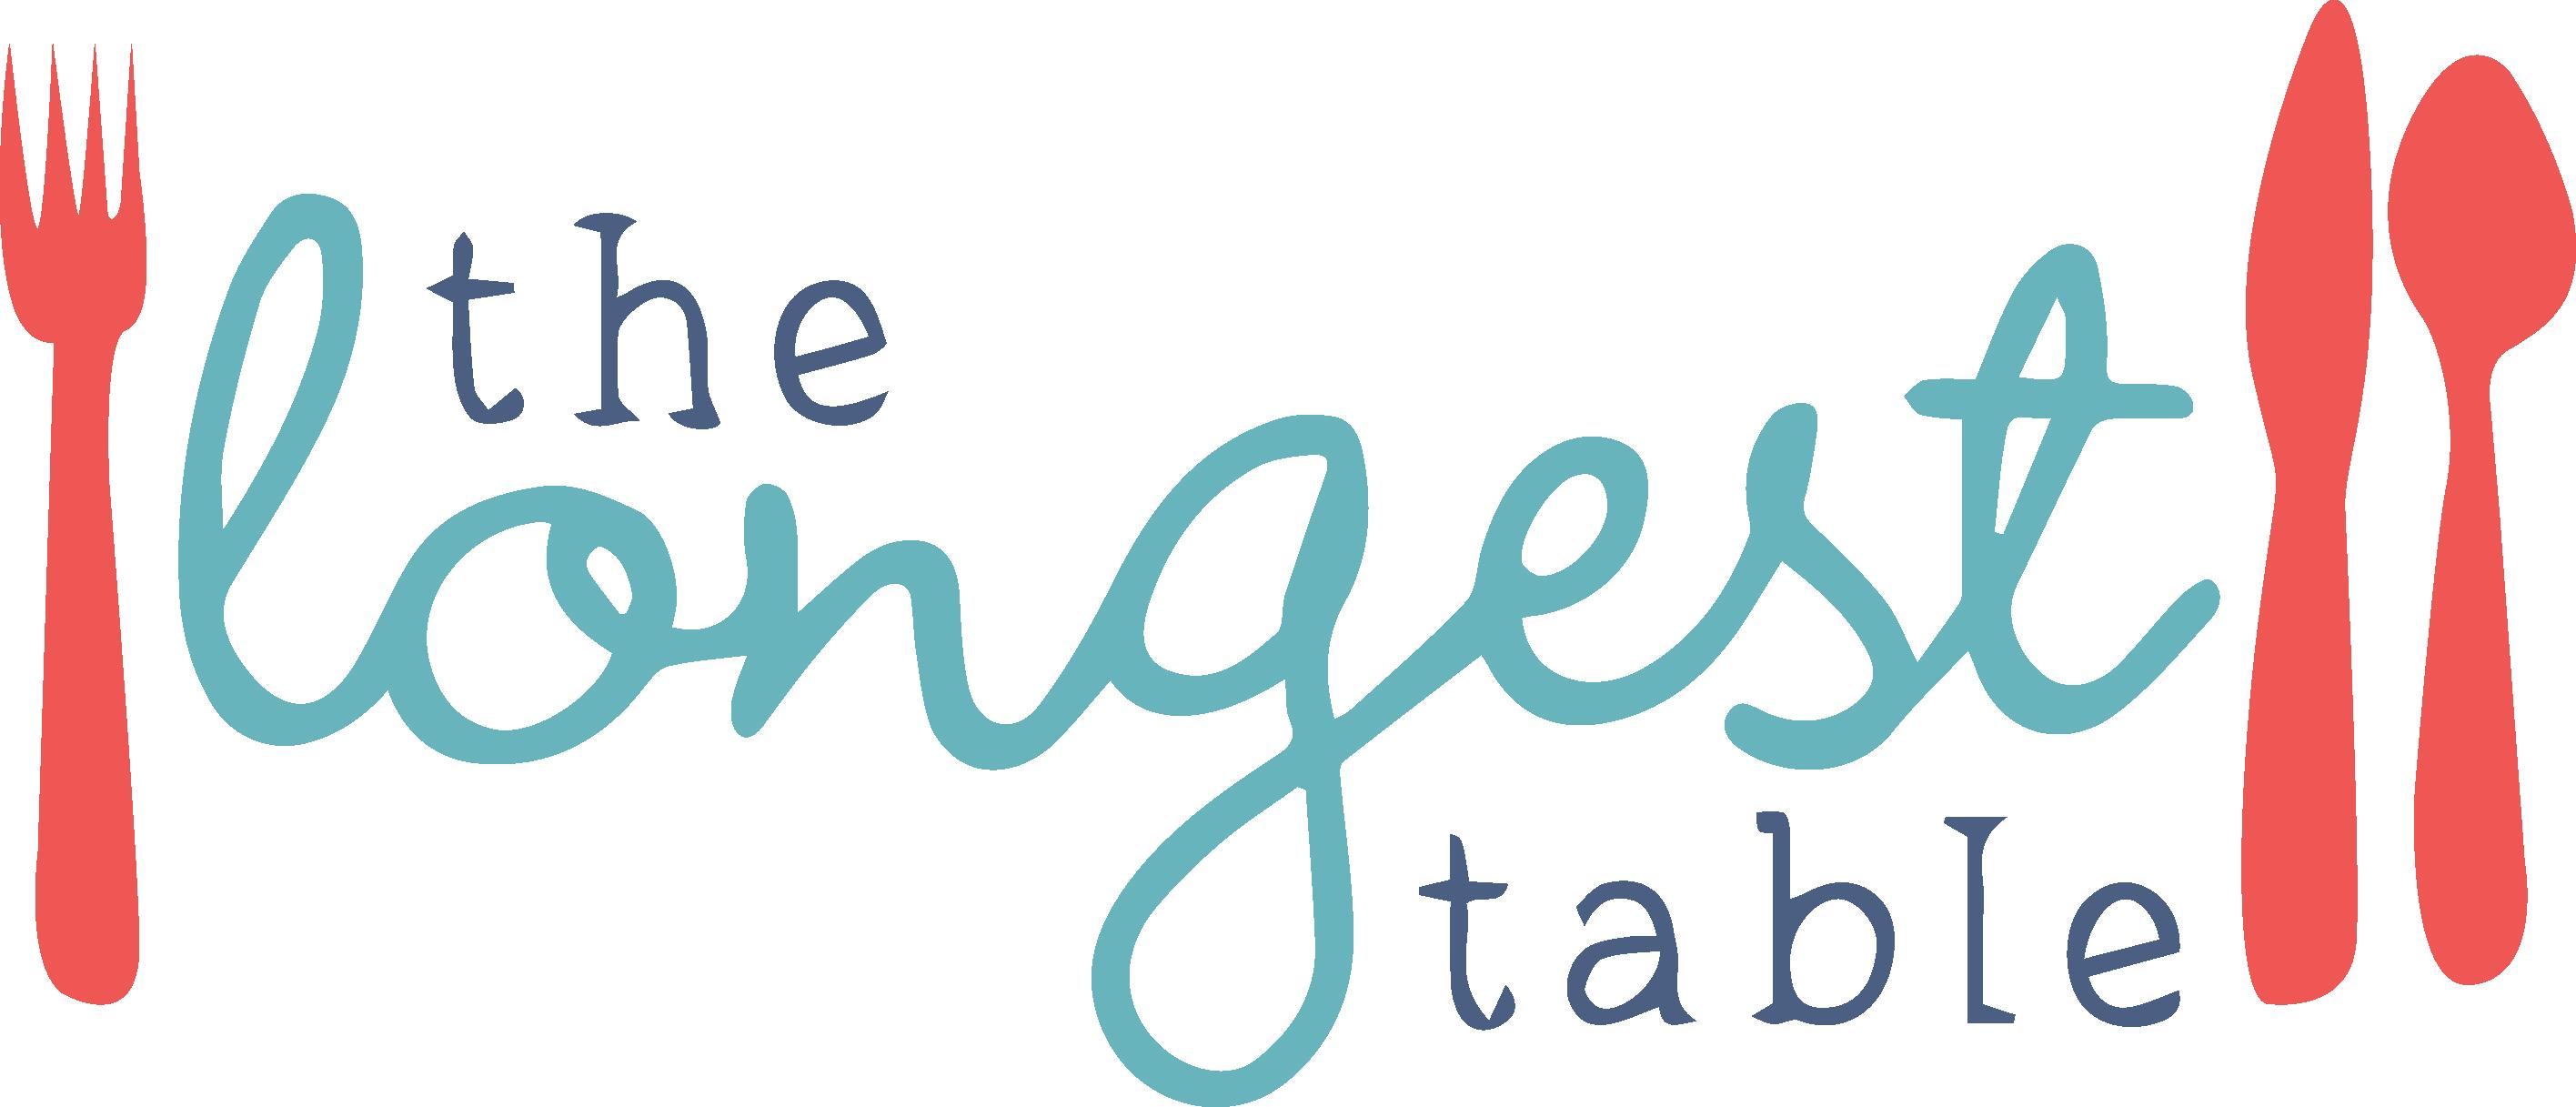 The Longest Table img2.jpg